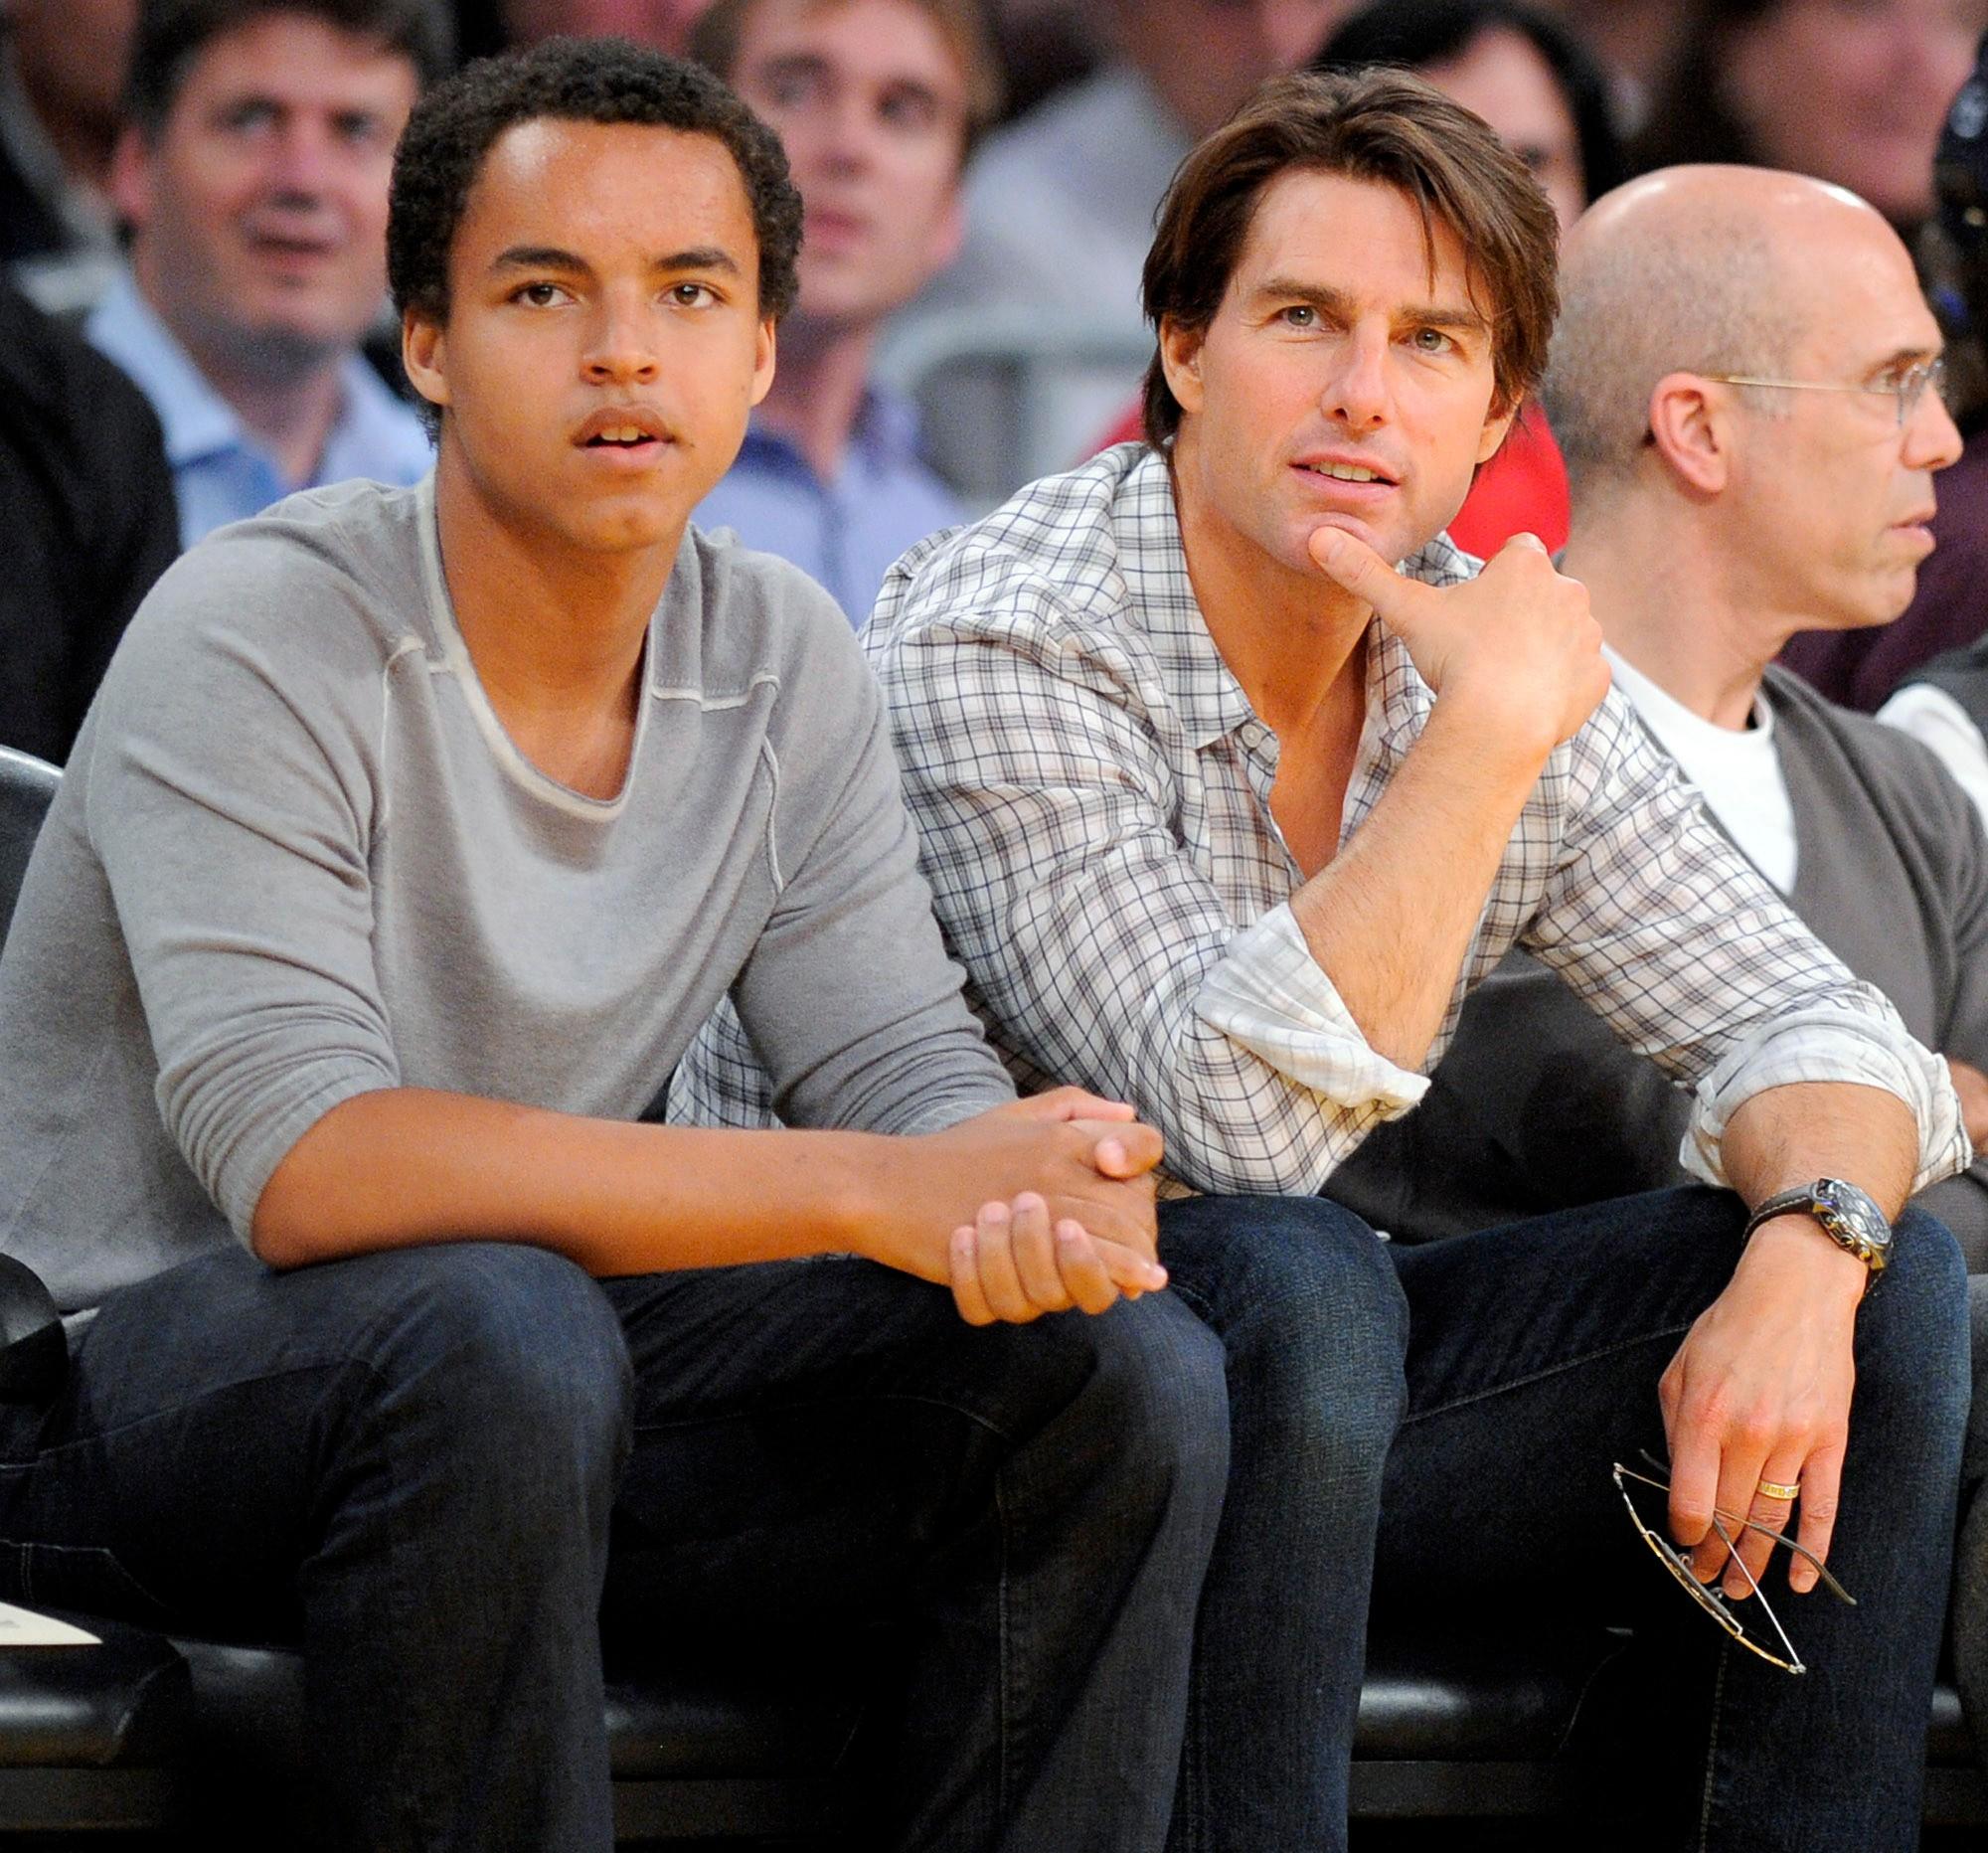 Bị đồn không phải cha ruột, đây là cách đối xử gây tranh cãi của Tom Cruise với con gái Suri suốt 6 năm qua-2